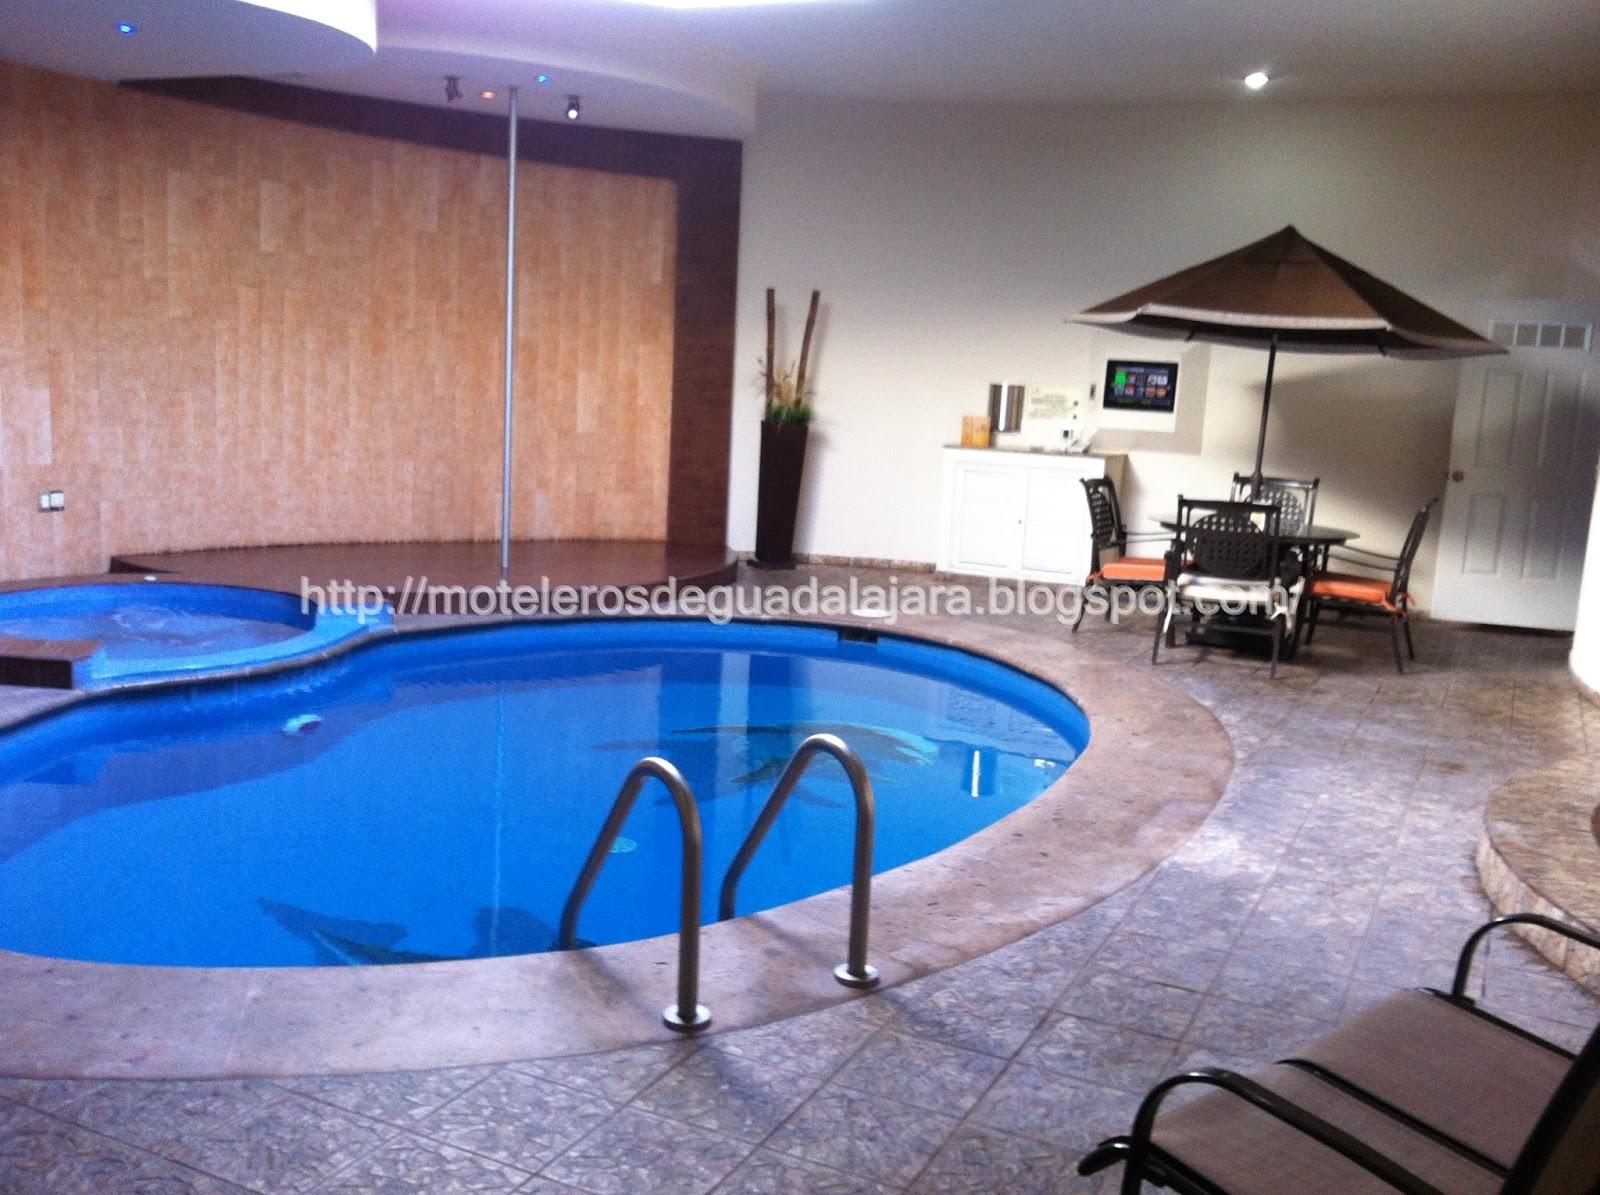 Moteleros de guadalajara motel gaudi suites villas alberca for Alberca 8 de julio